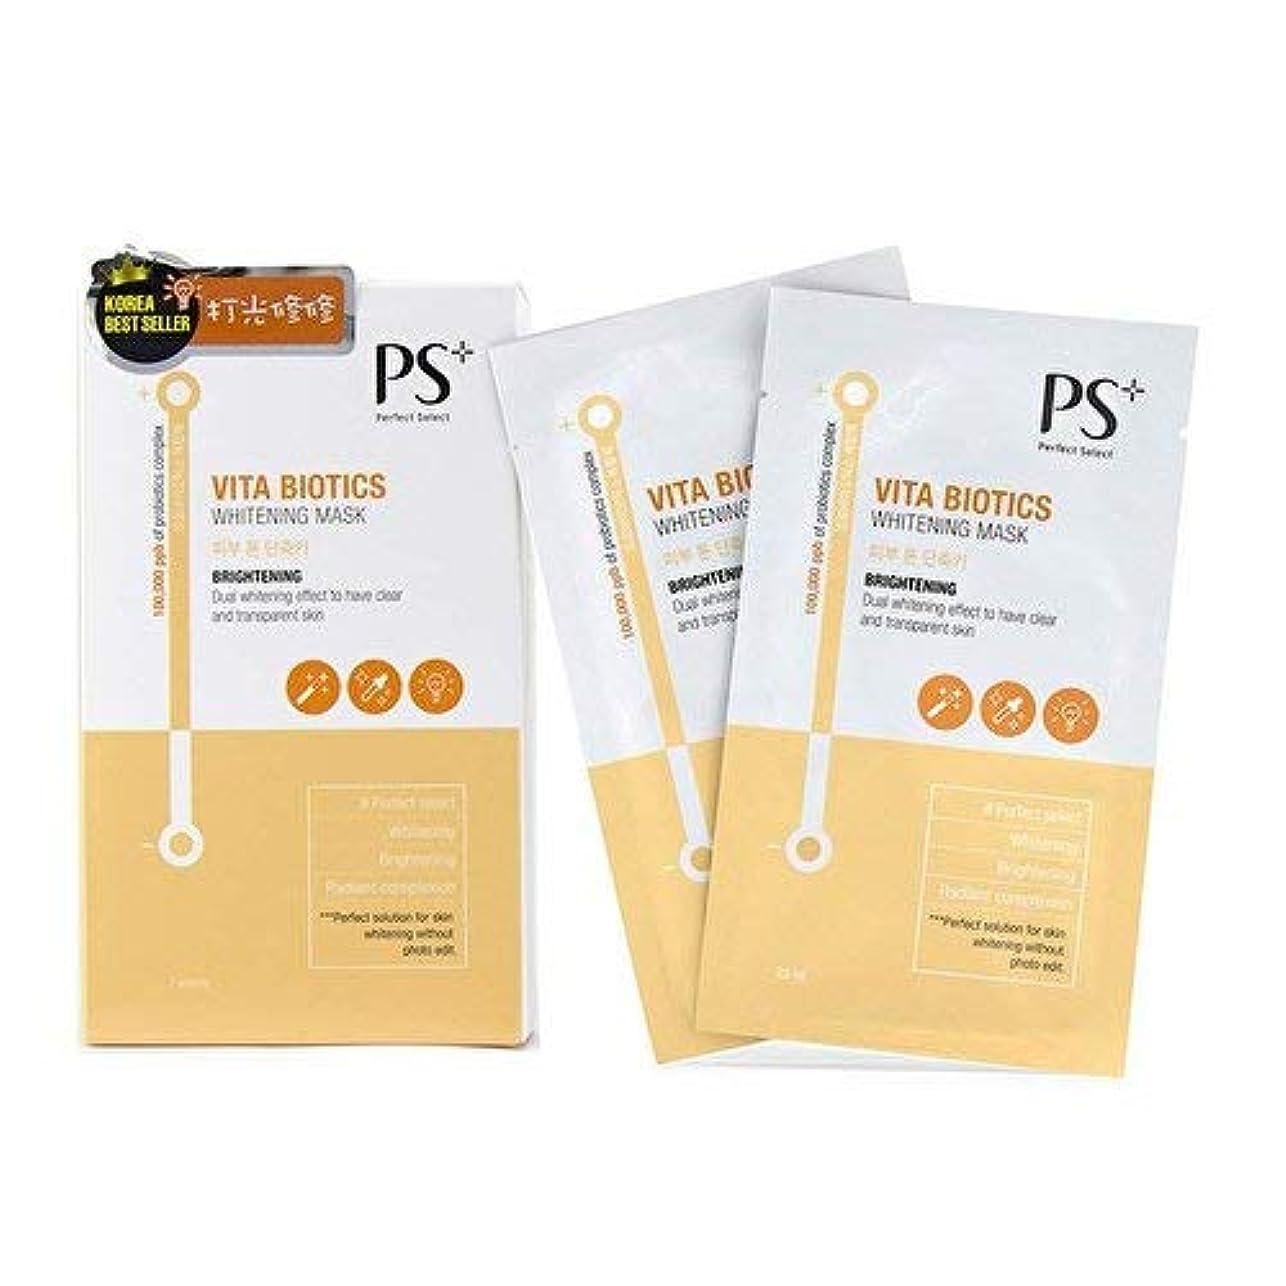 降雨手つかずの知性PS Perfect Select Vita Biotics Whitening Mask - Brightening 7pcs並行輸入品